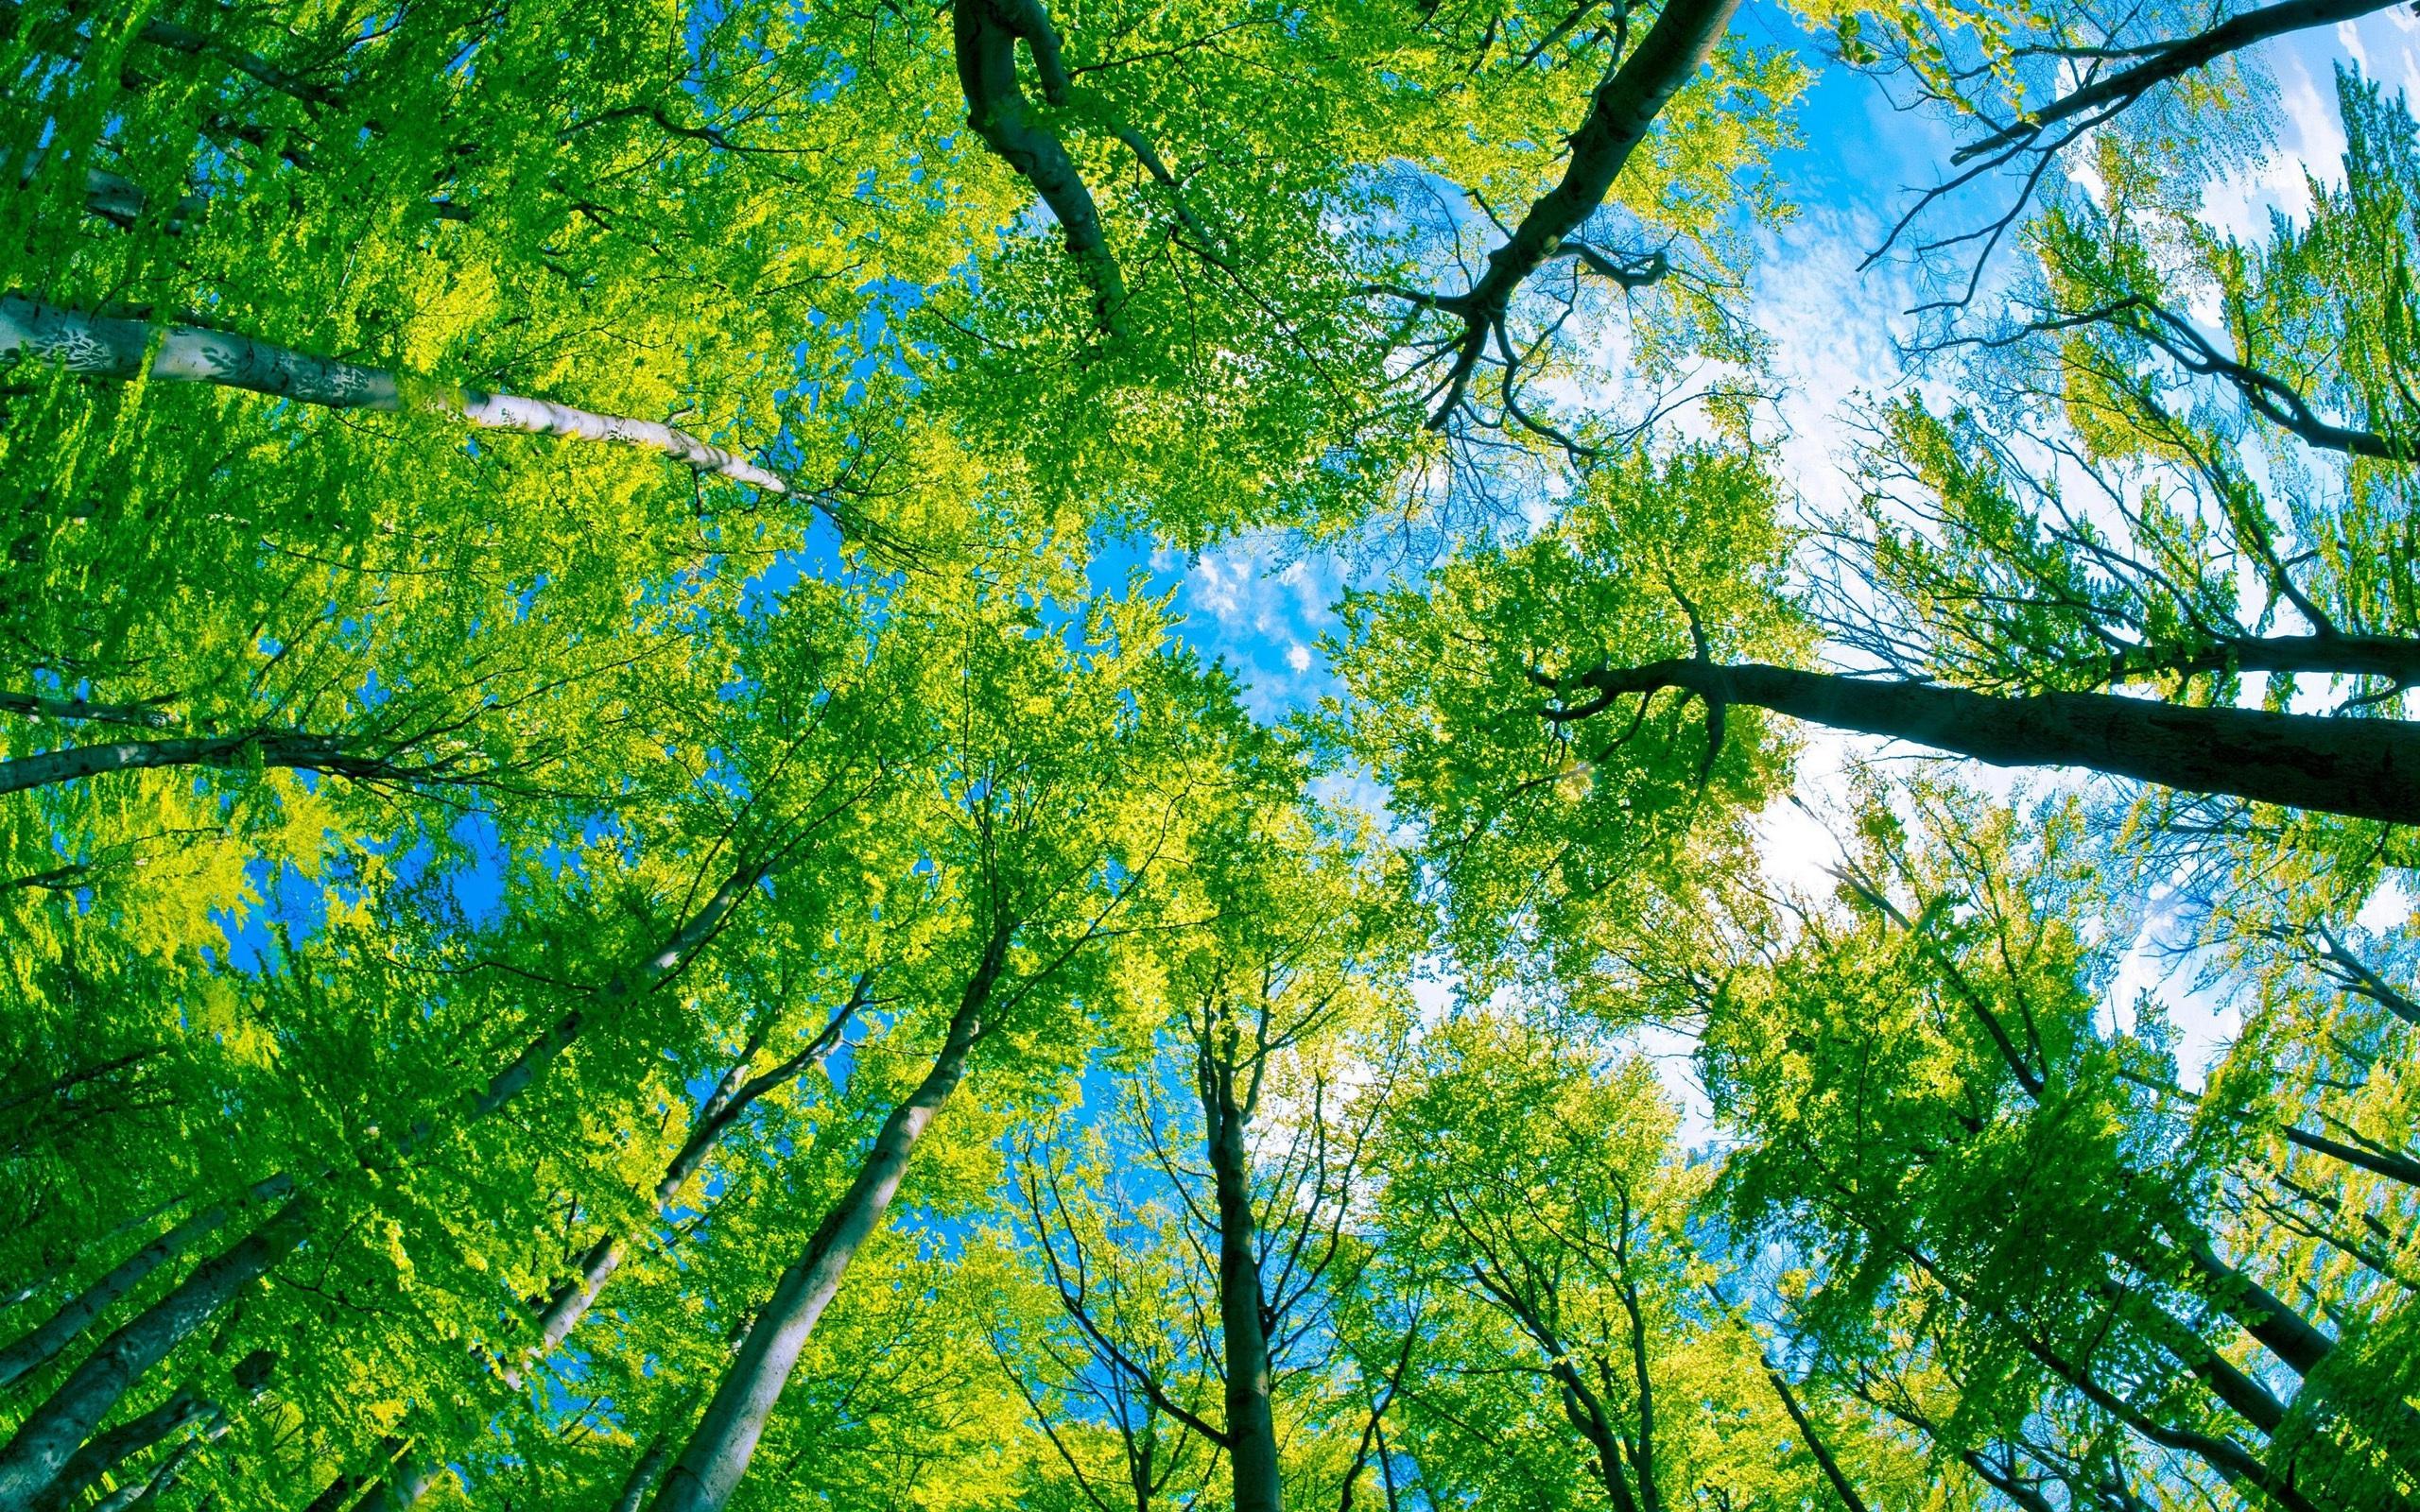 壁紙 森の木々の緑の楽園 2560x1600 Hd 無料のデスクトップの背景 画像